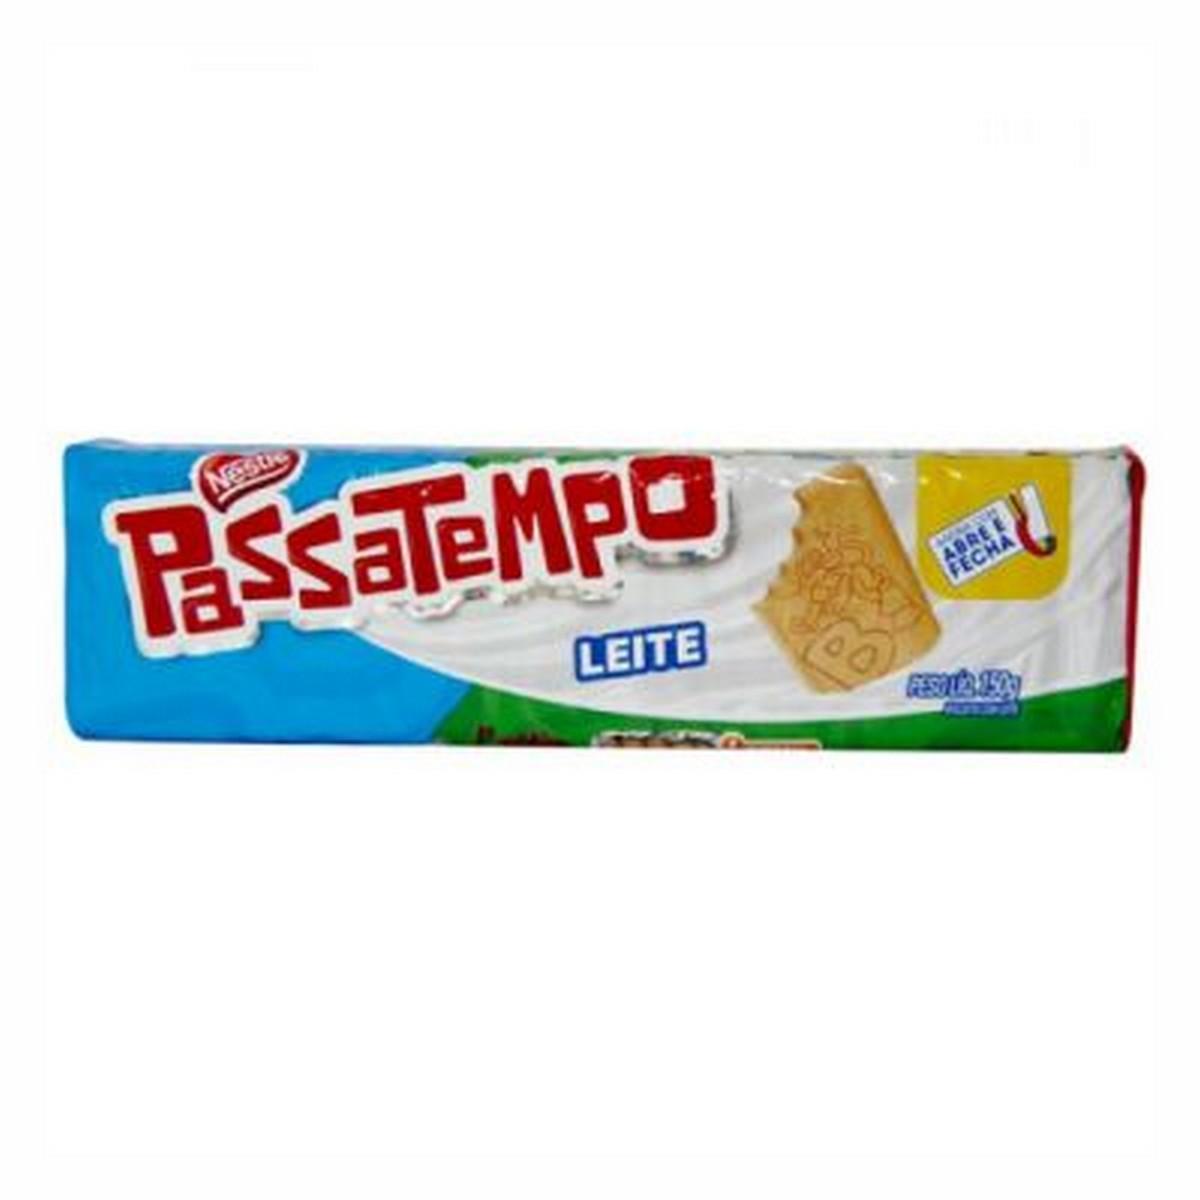 Distribuidora de bolachas e biscoitos sp